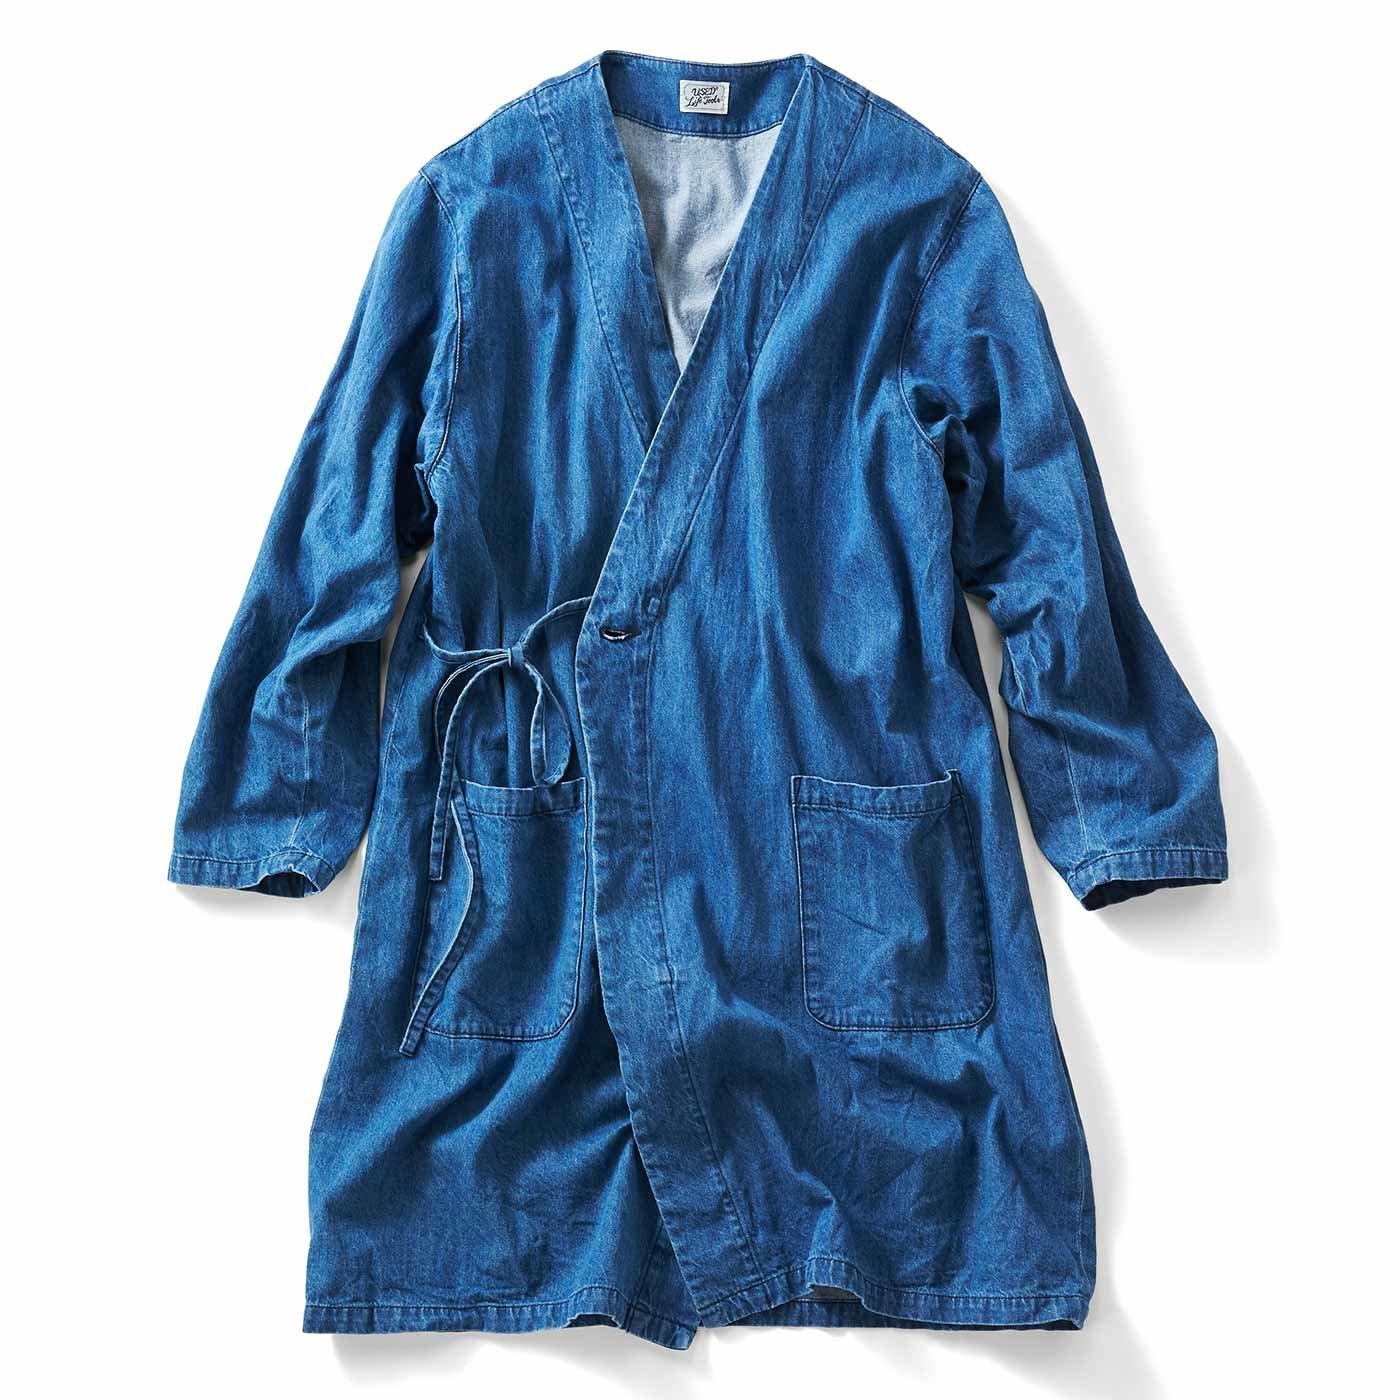 古着屋さんで見つけたような デニムの作務衣(さむえ)コート〈ライトインディゴブルー〉